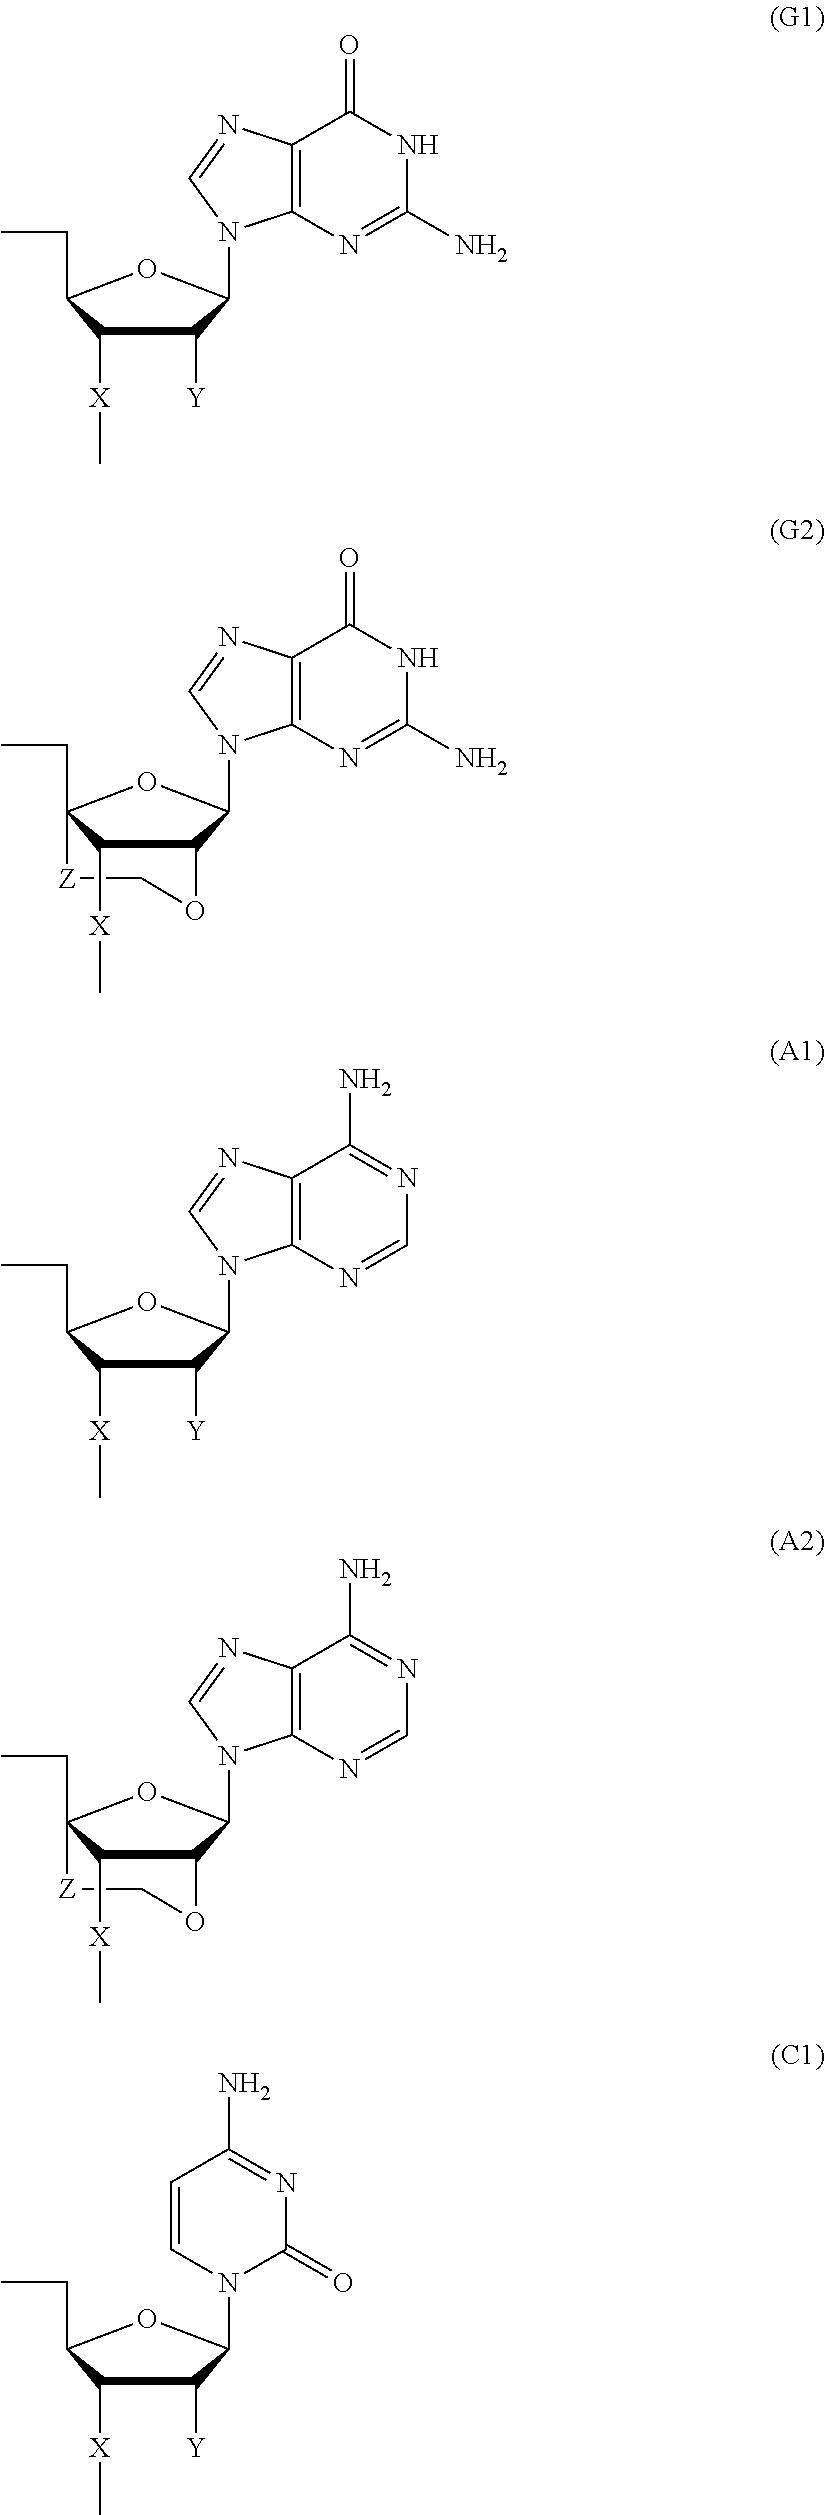 Figure US09243026-20160126-C00021